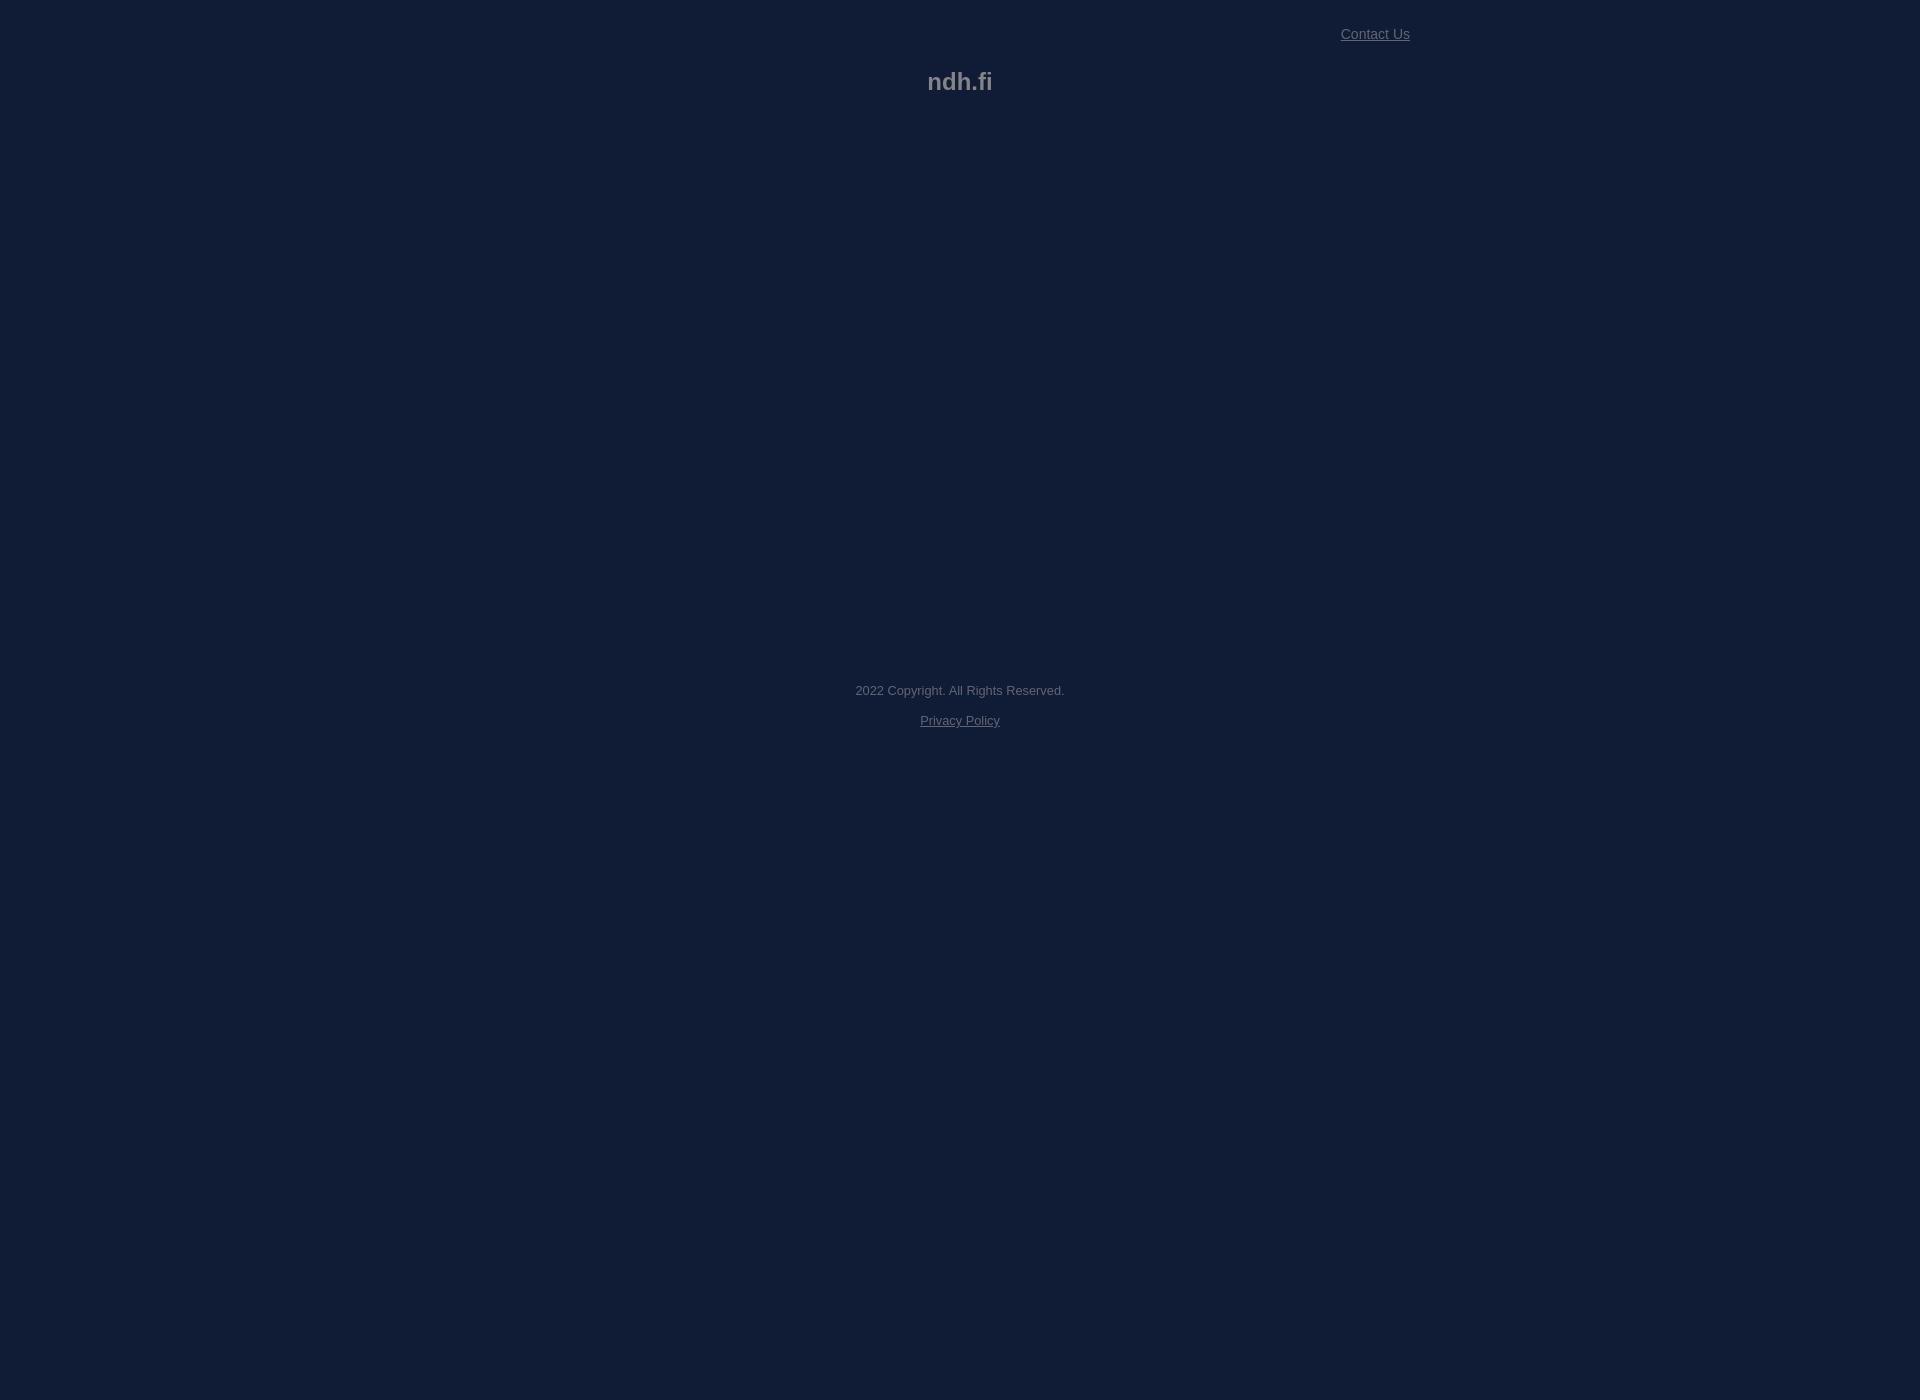 Screenshot for ndh.fi